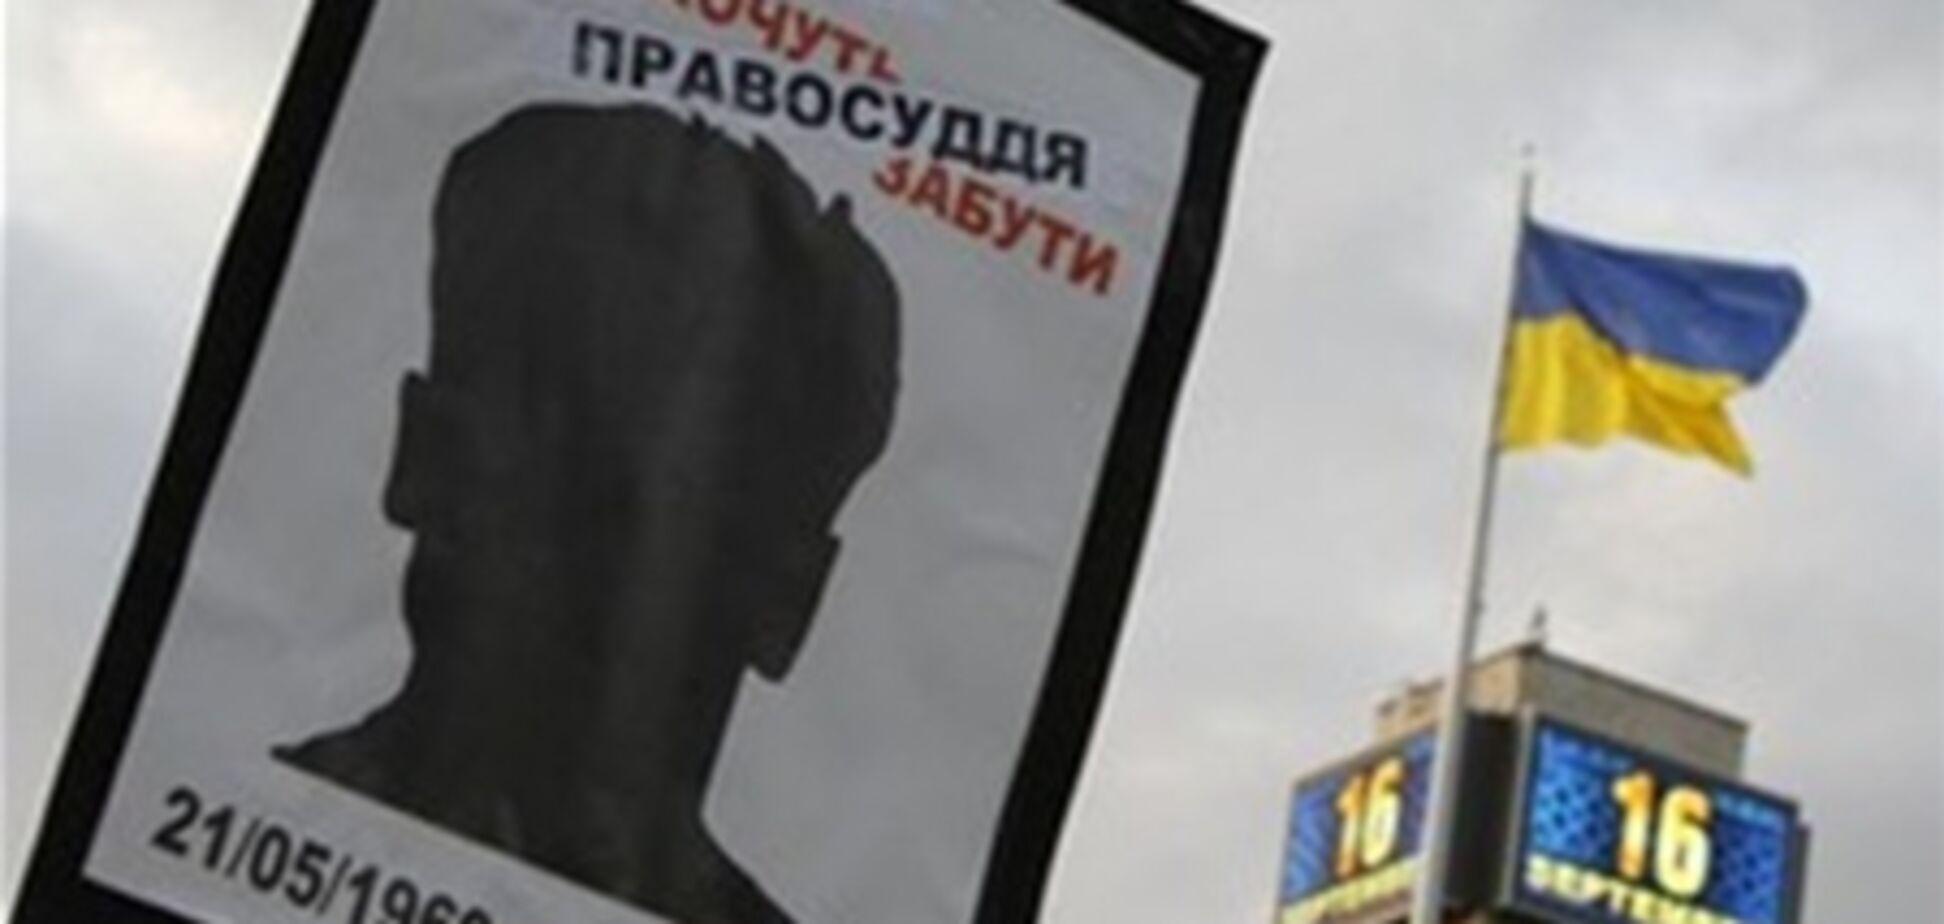 Сегодня - 12-я годовщина исчезновения Гонгадзе